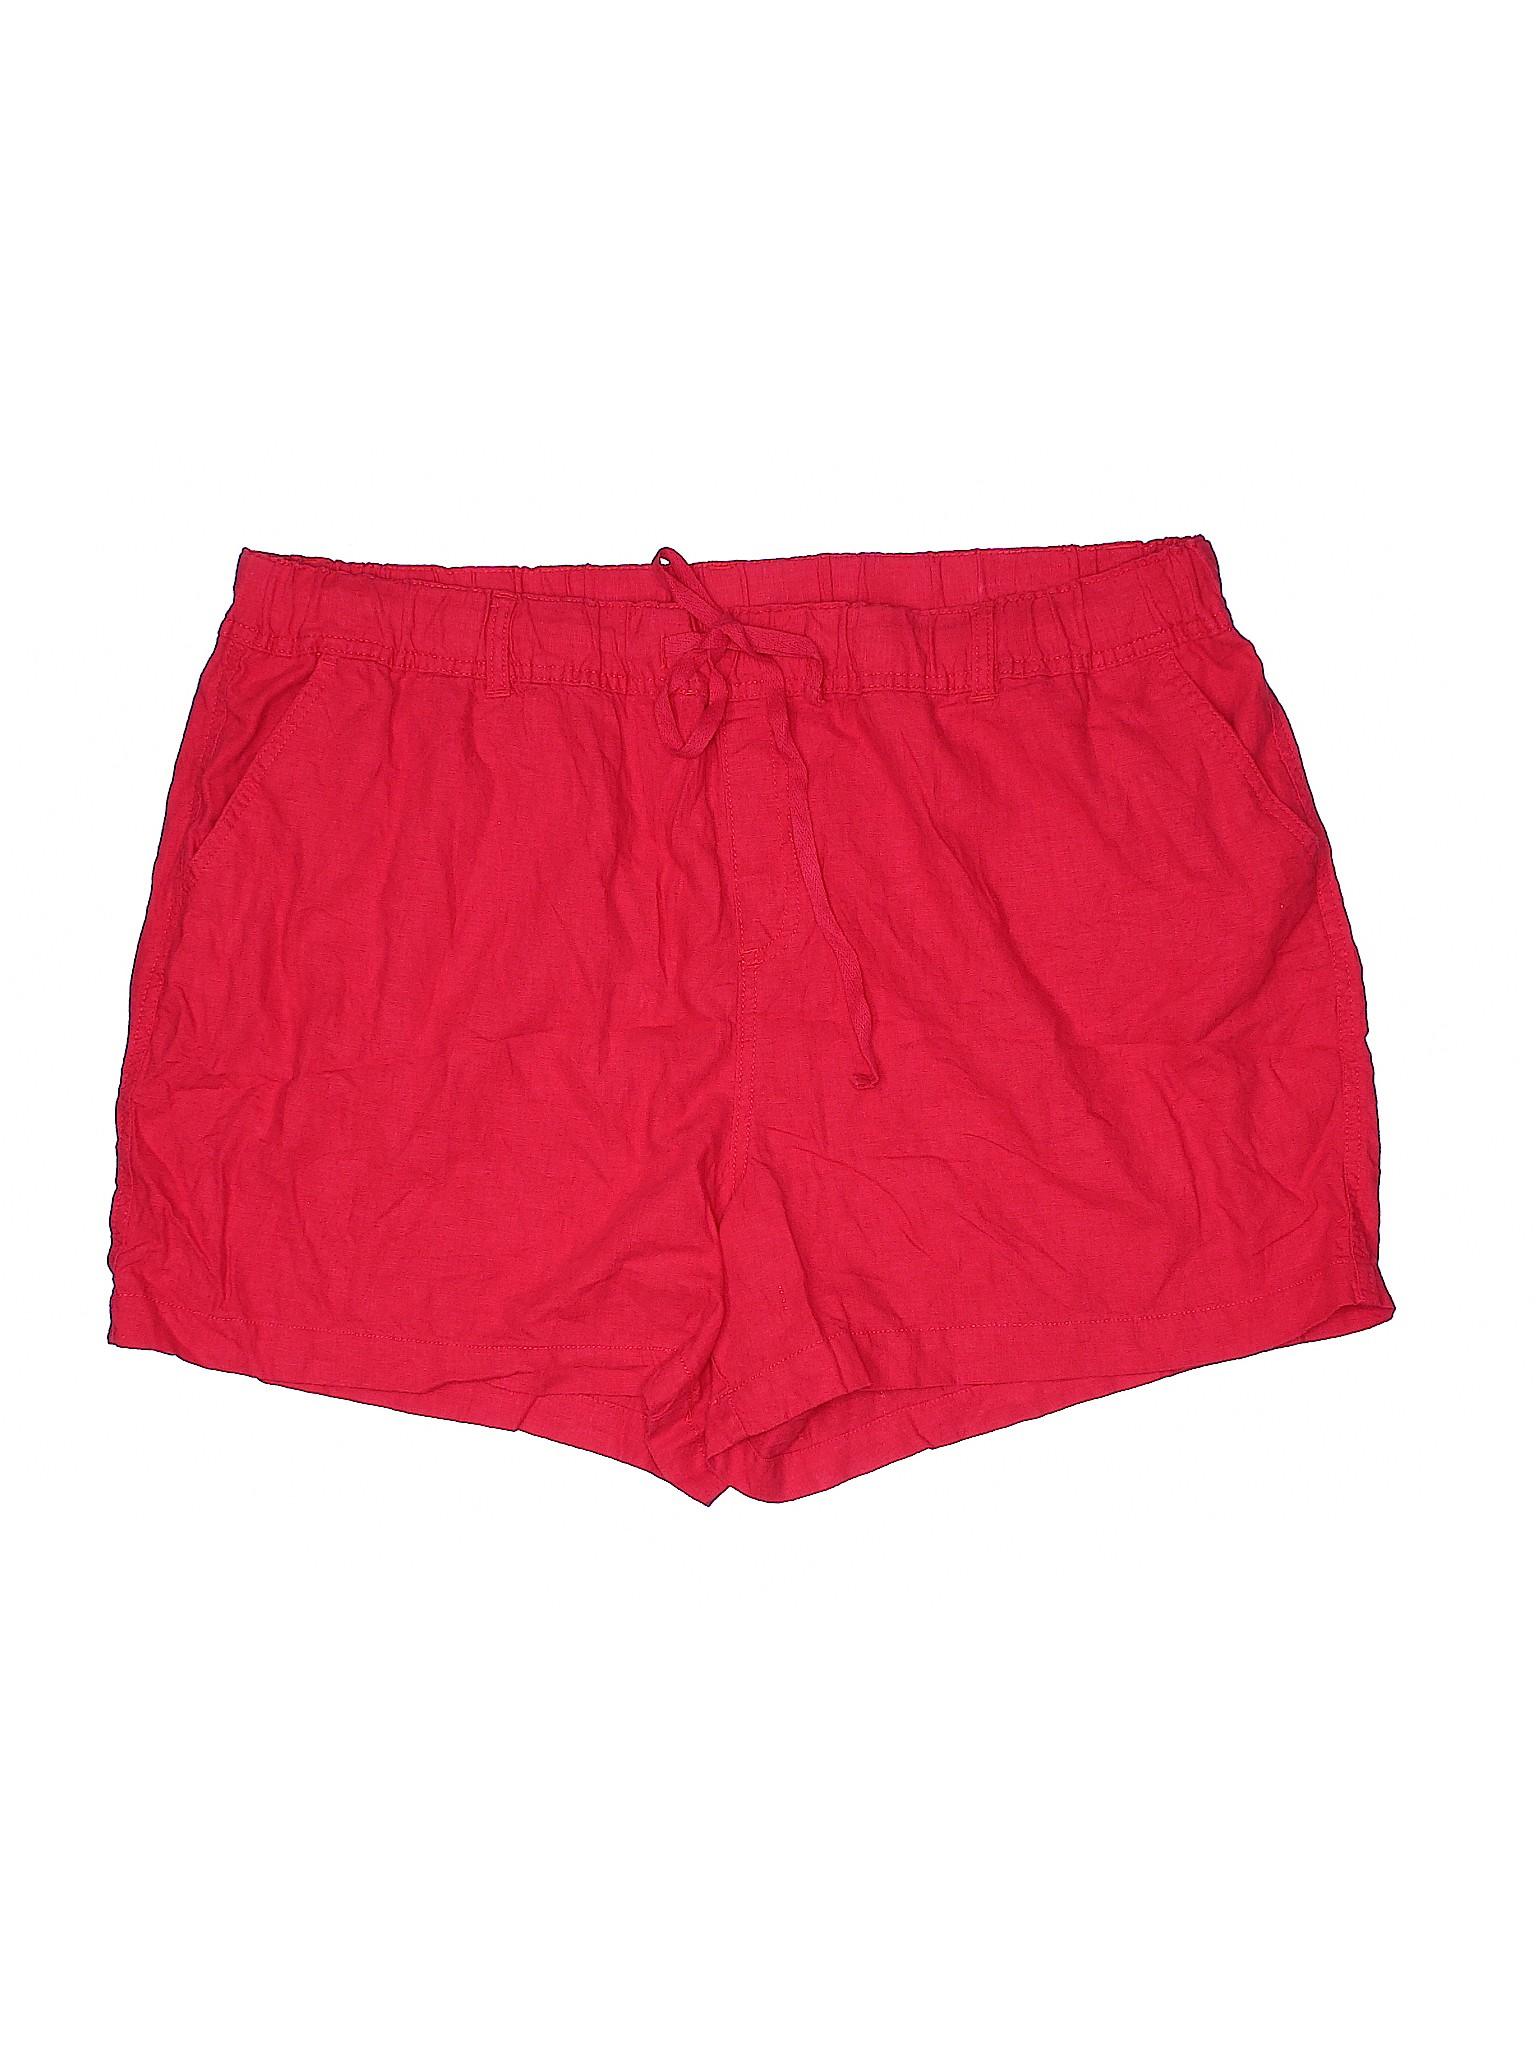 winter Khaki Boutique Shorts winter Cato Boutique Cato Xv6tnqx